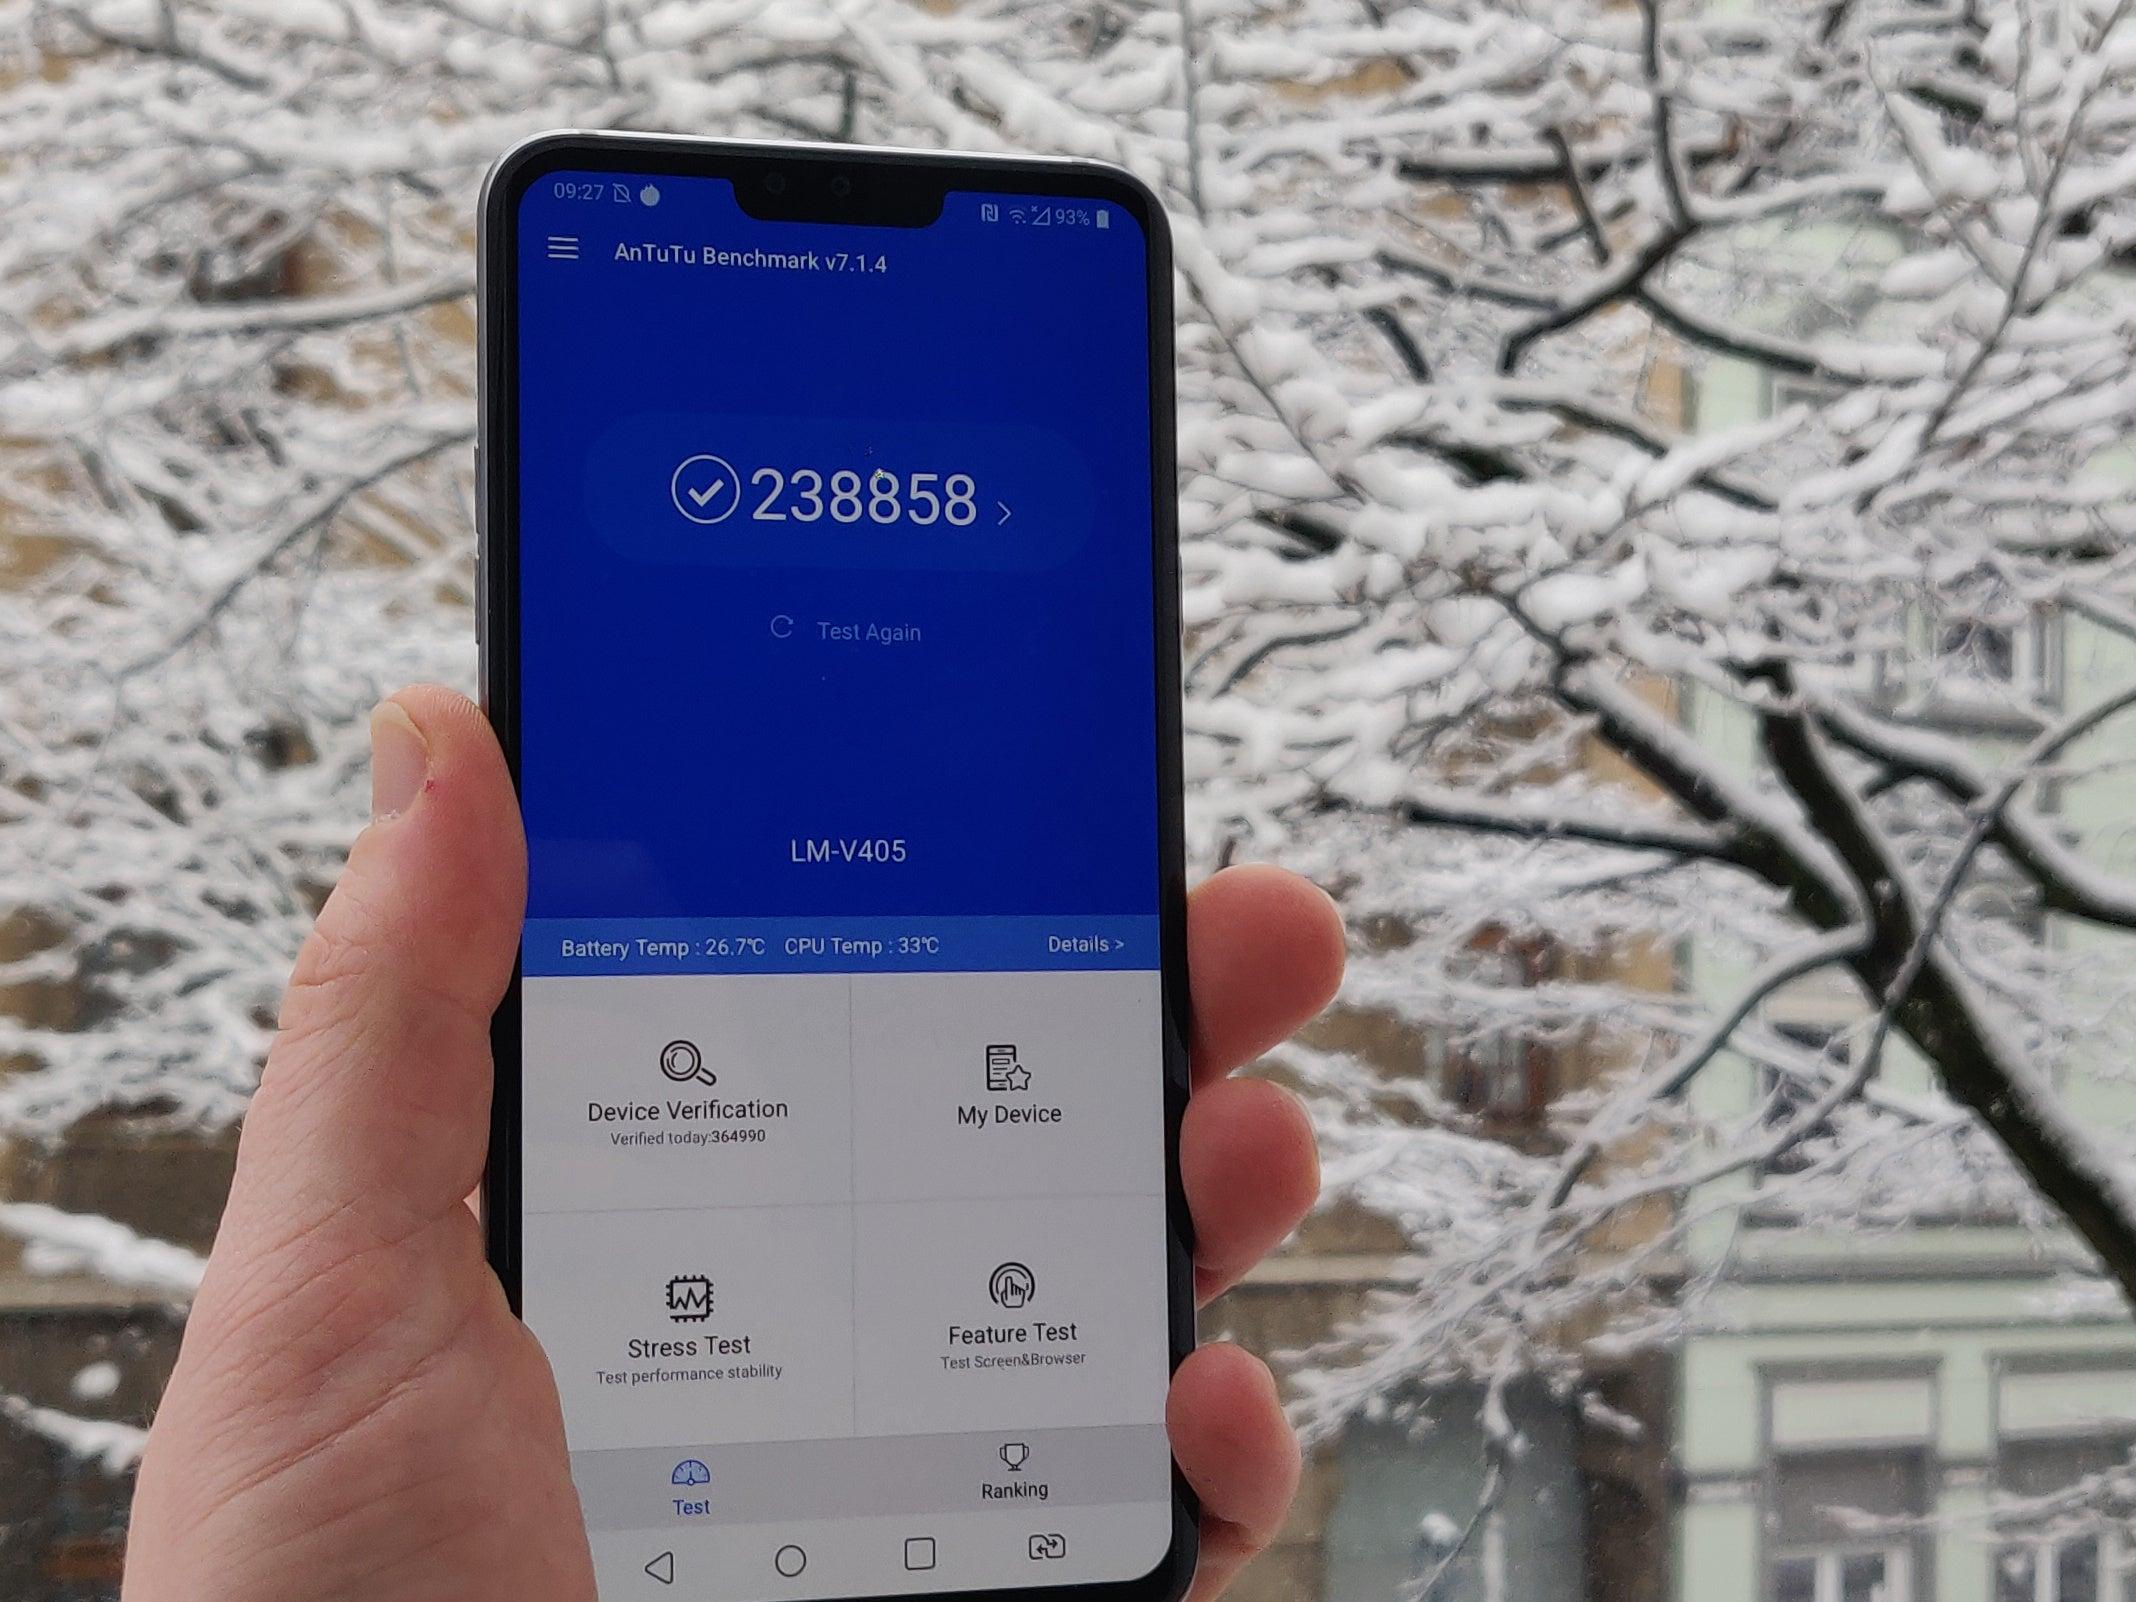 LG V40 ThinQ mit einem Benchmark-Wert auf dem Display vor verschneiter Kulisse